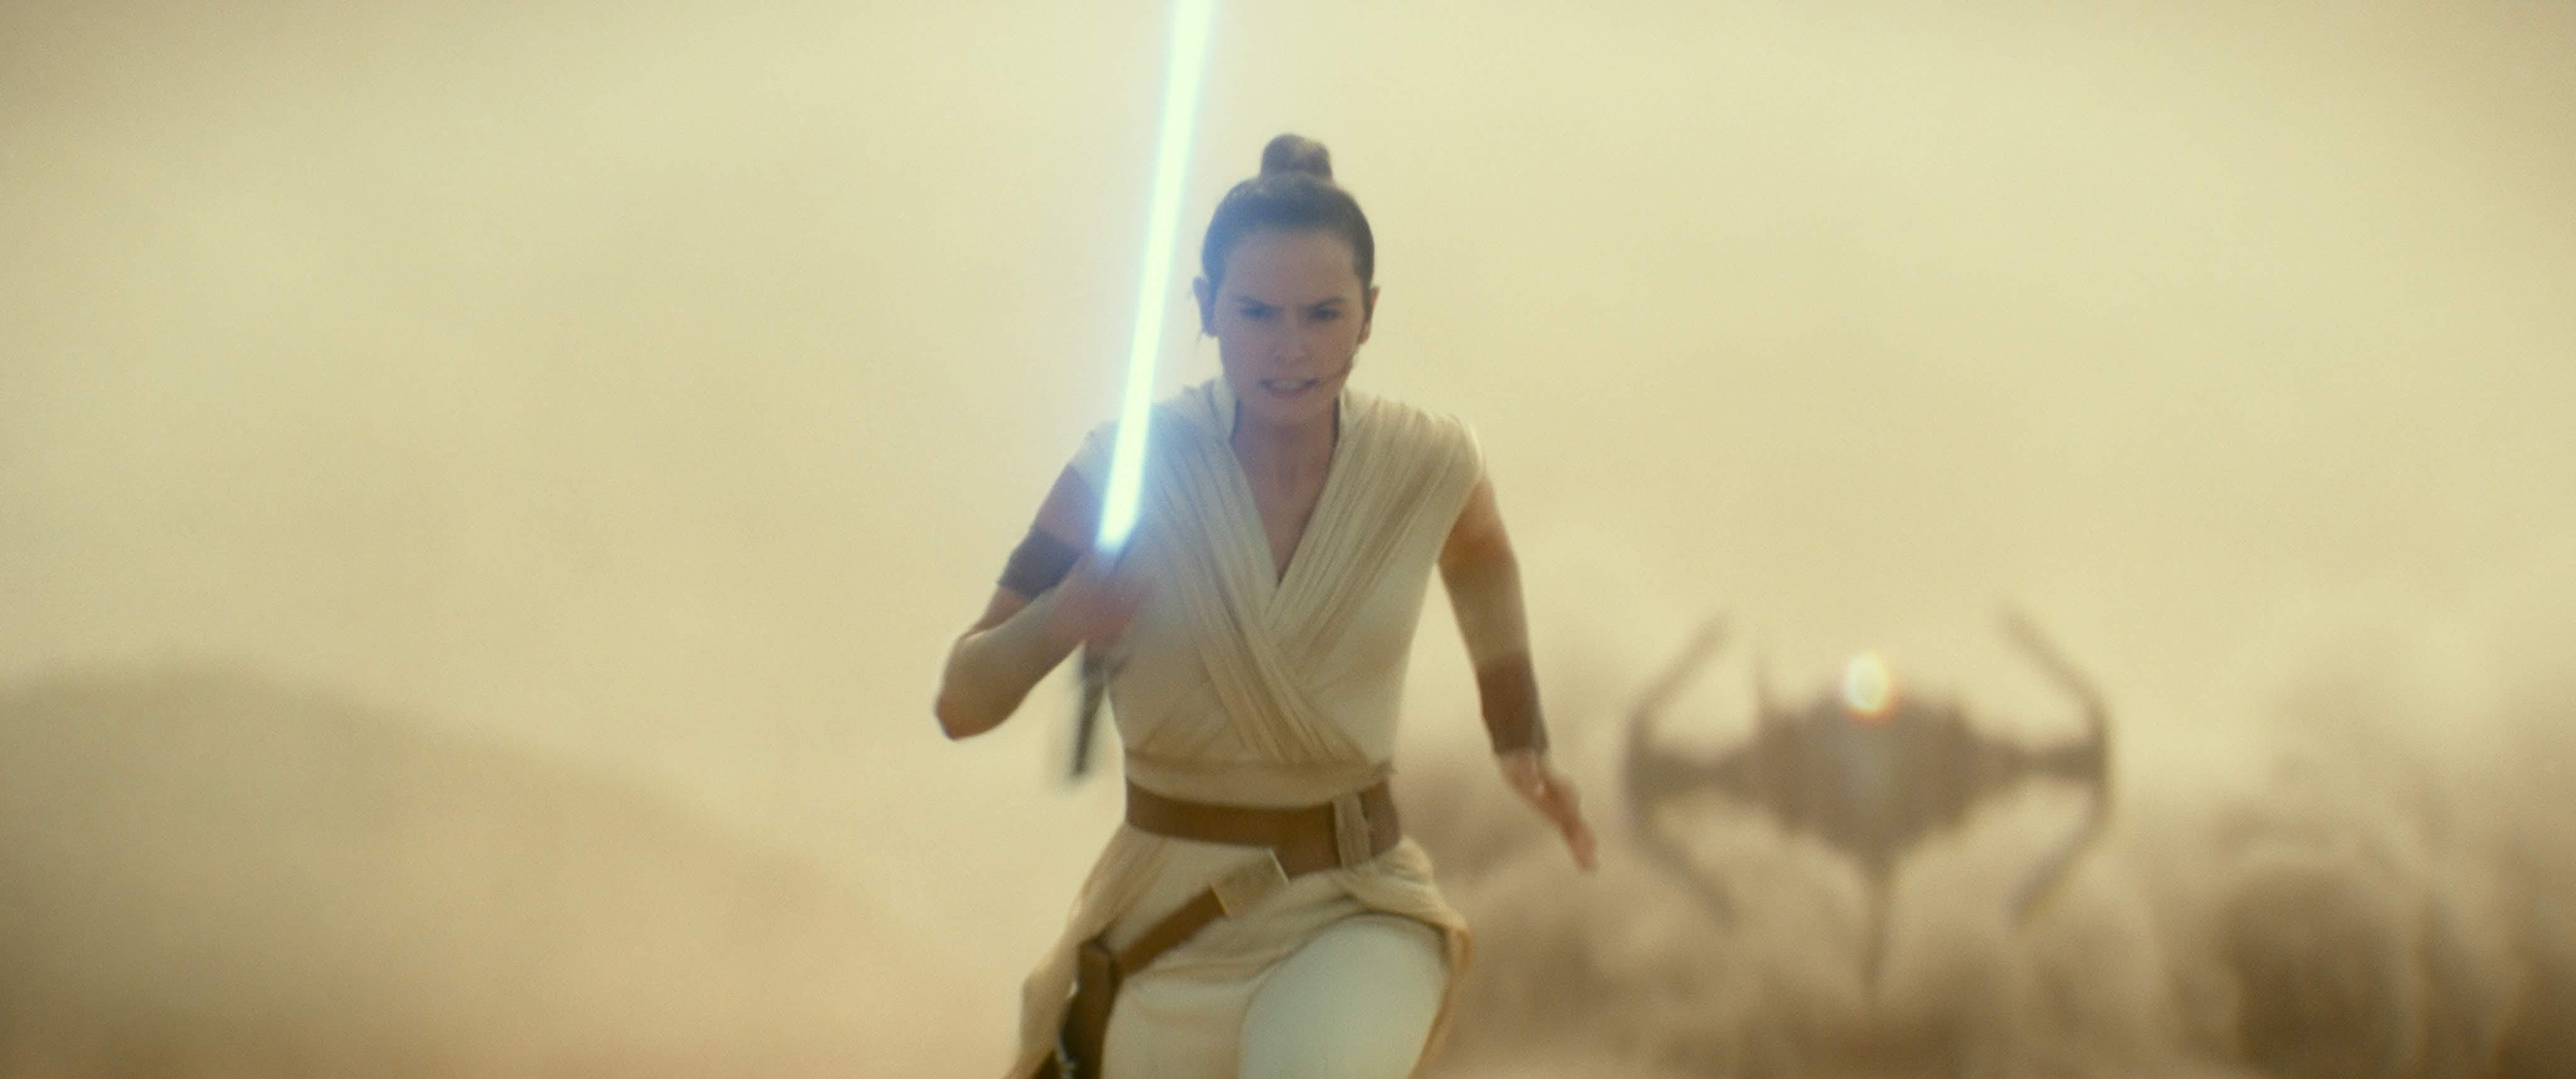 The Rise of Skywalker vs. North by Northwest : 「スター・ウォーズ : ザ・ライズ・オブ・スカイウォーカー」と元ネタ映画 ? ! のヒッチコック監督作品「北北西に進路を取れ」を観比べる比較の動画 ! !